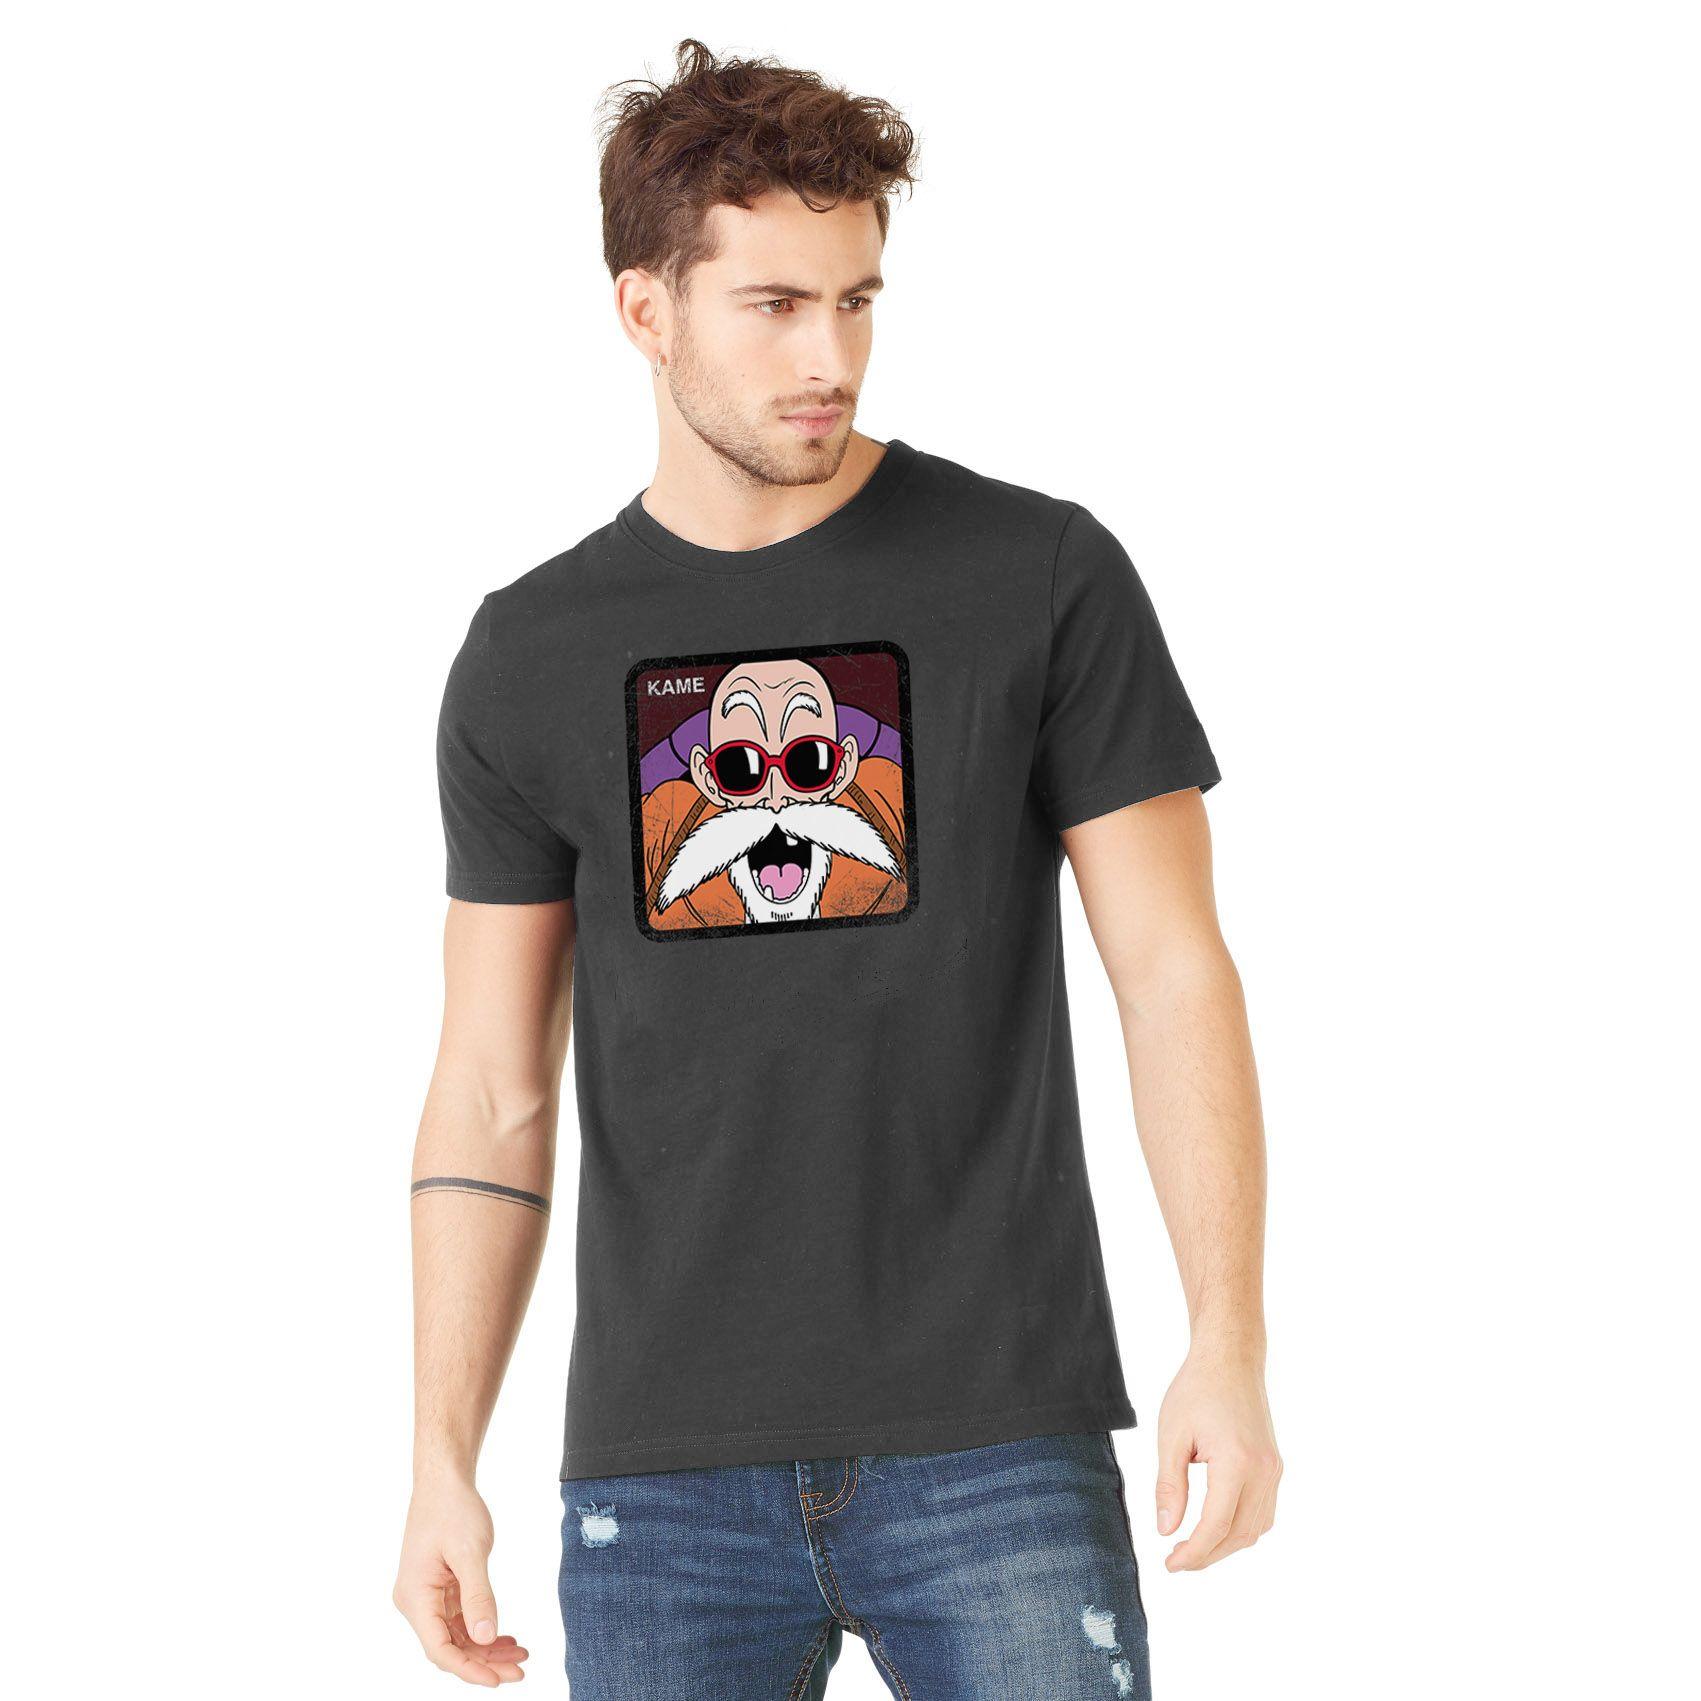 T-shirt homme dragon ball z kame gris